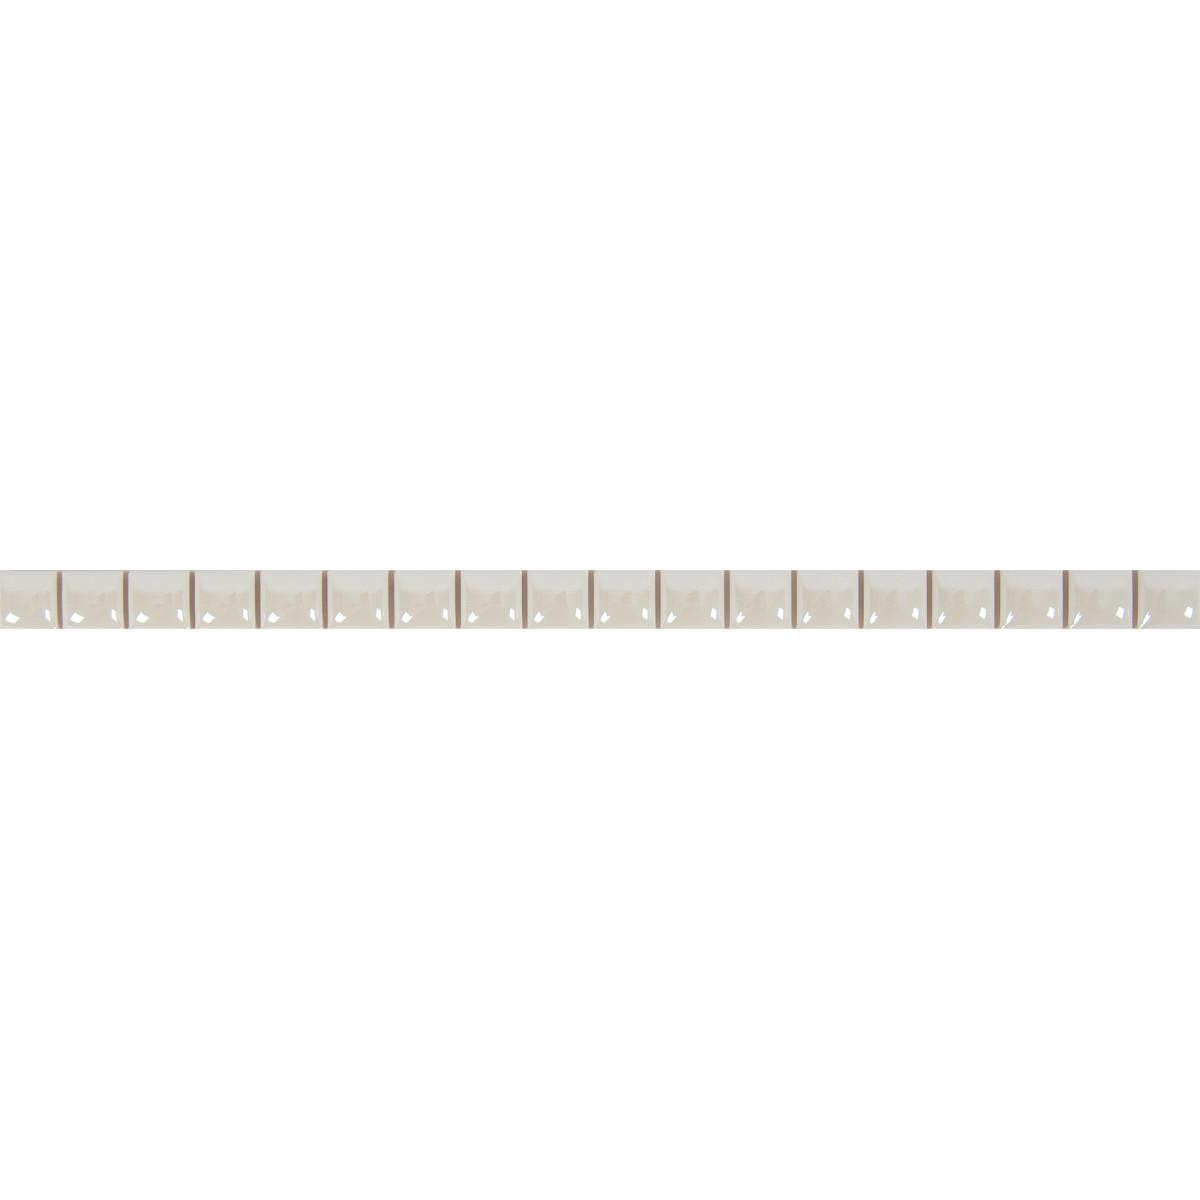 Бордюр «Разрезной люстрированный» 13х250 мм цвет белый